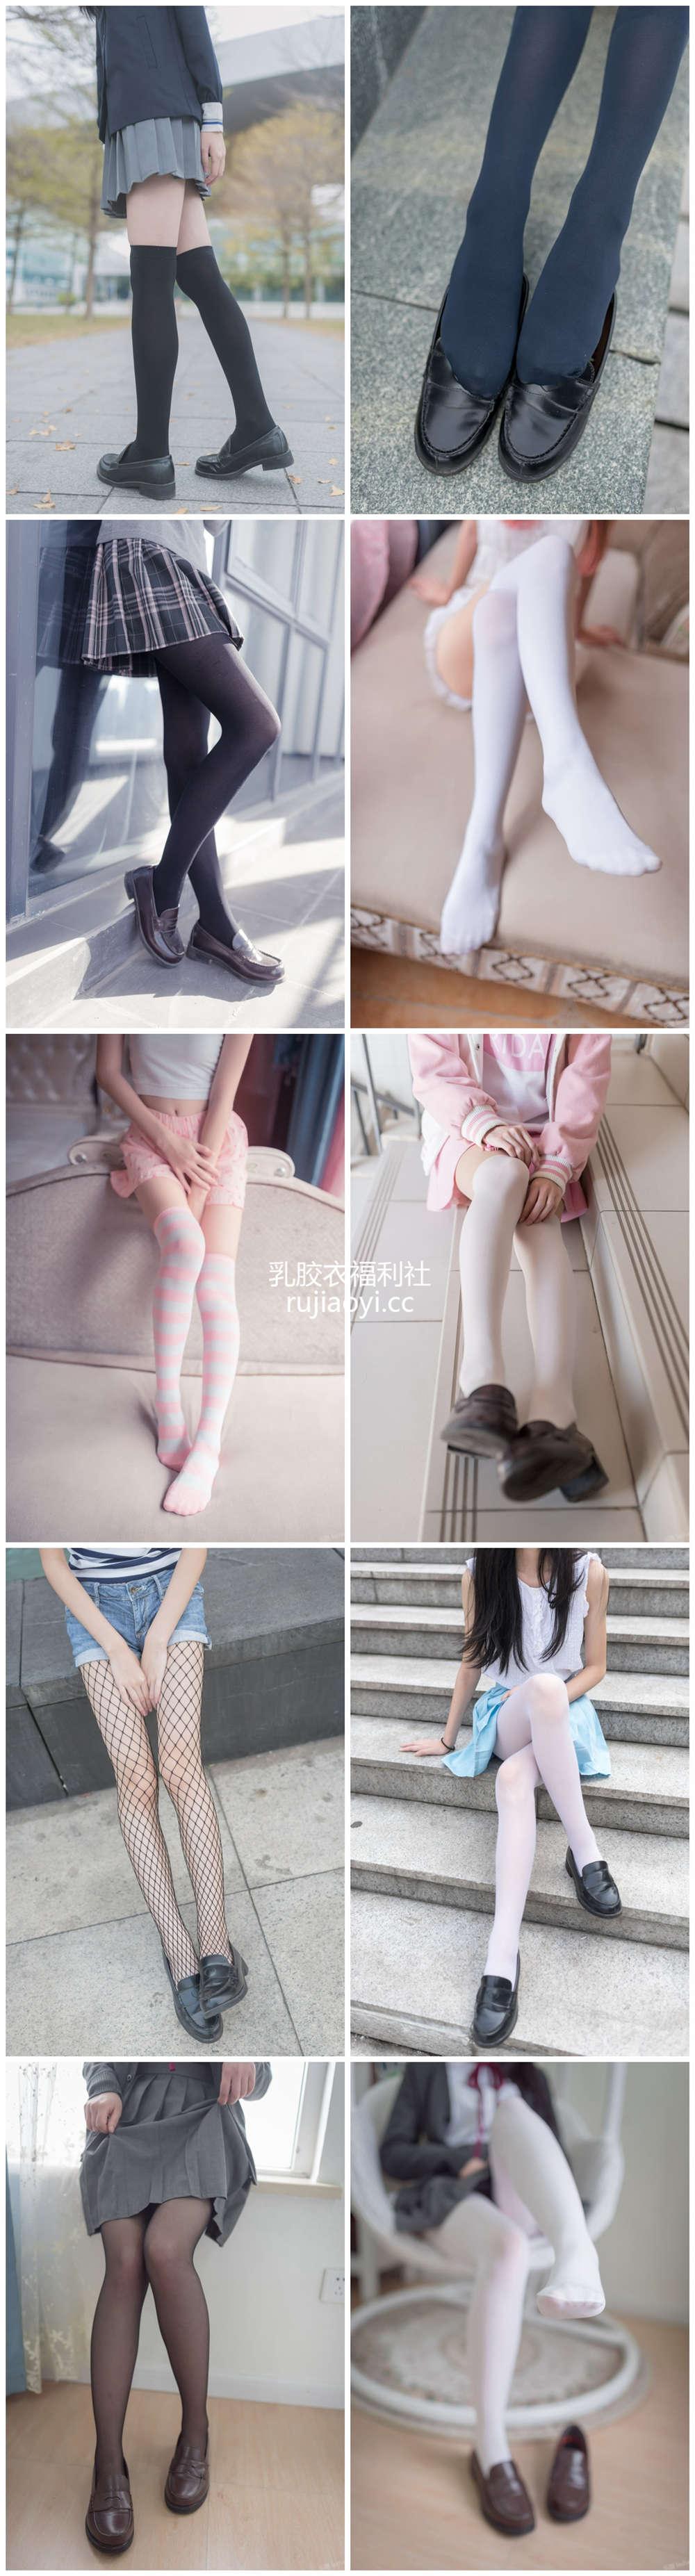 [风之领域] Vol.021-030 10期露脸美丝美腿制服写真合集百度云下载